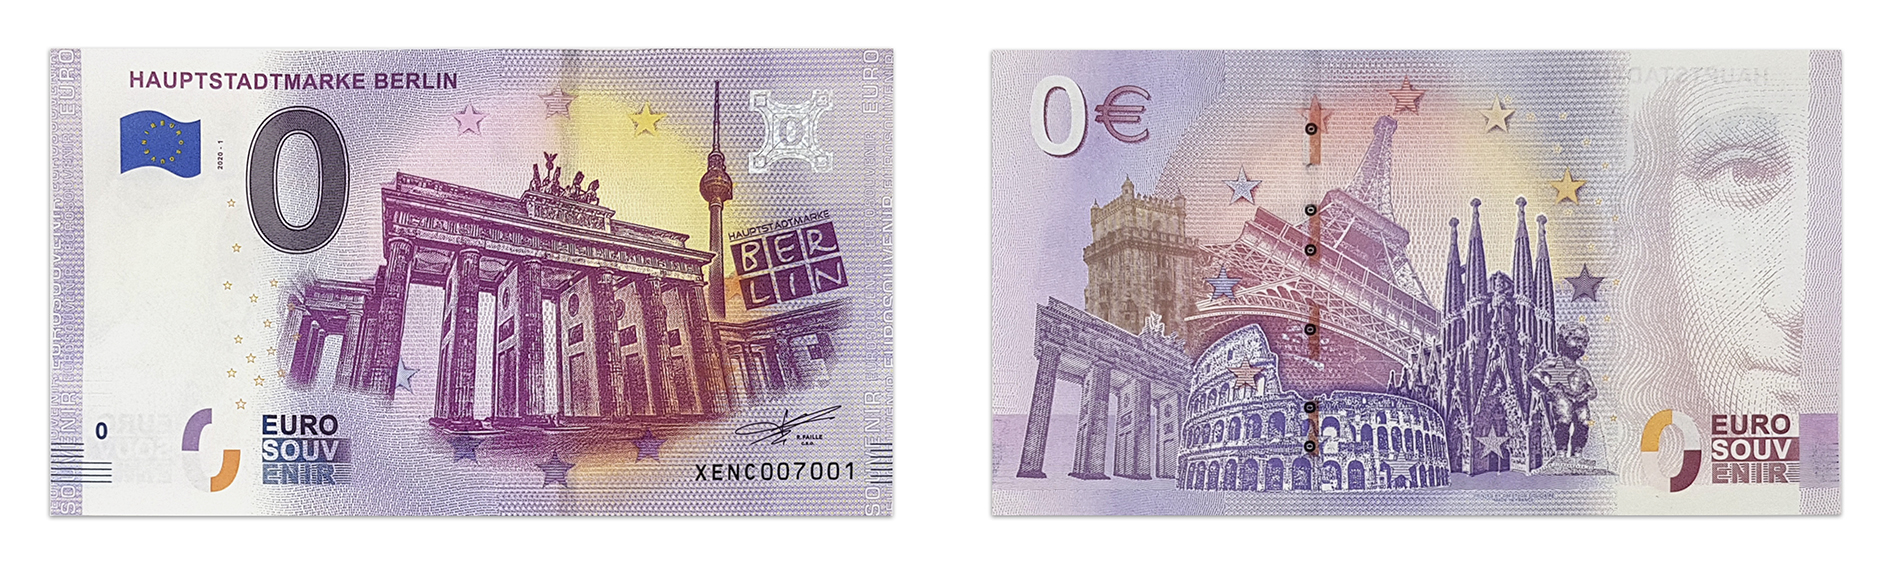 060-9000_Euro_Schein_Hauptstadtmarke_BERLIN_Version_1